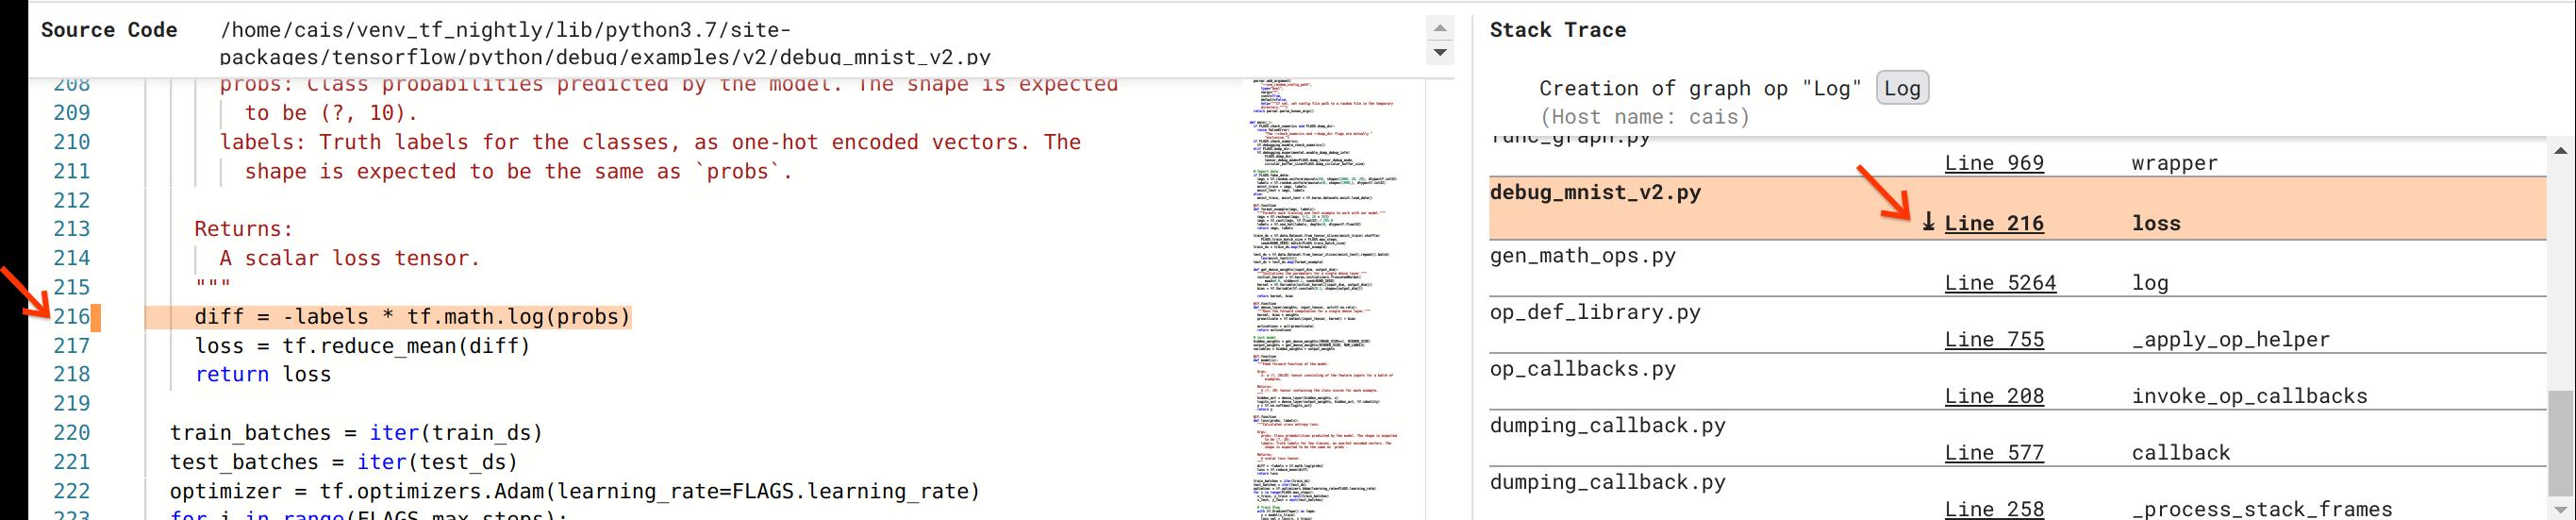 Depurador V2: código fuente y seguimiento de pila